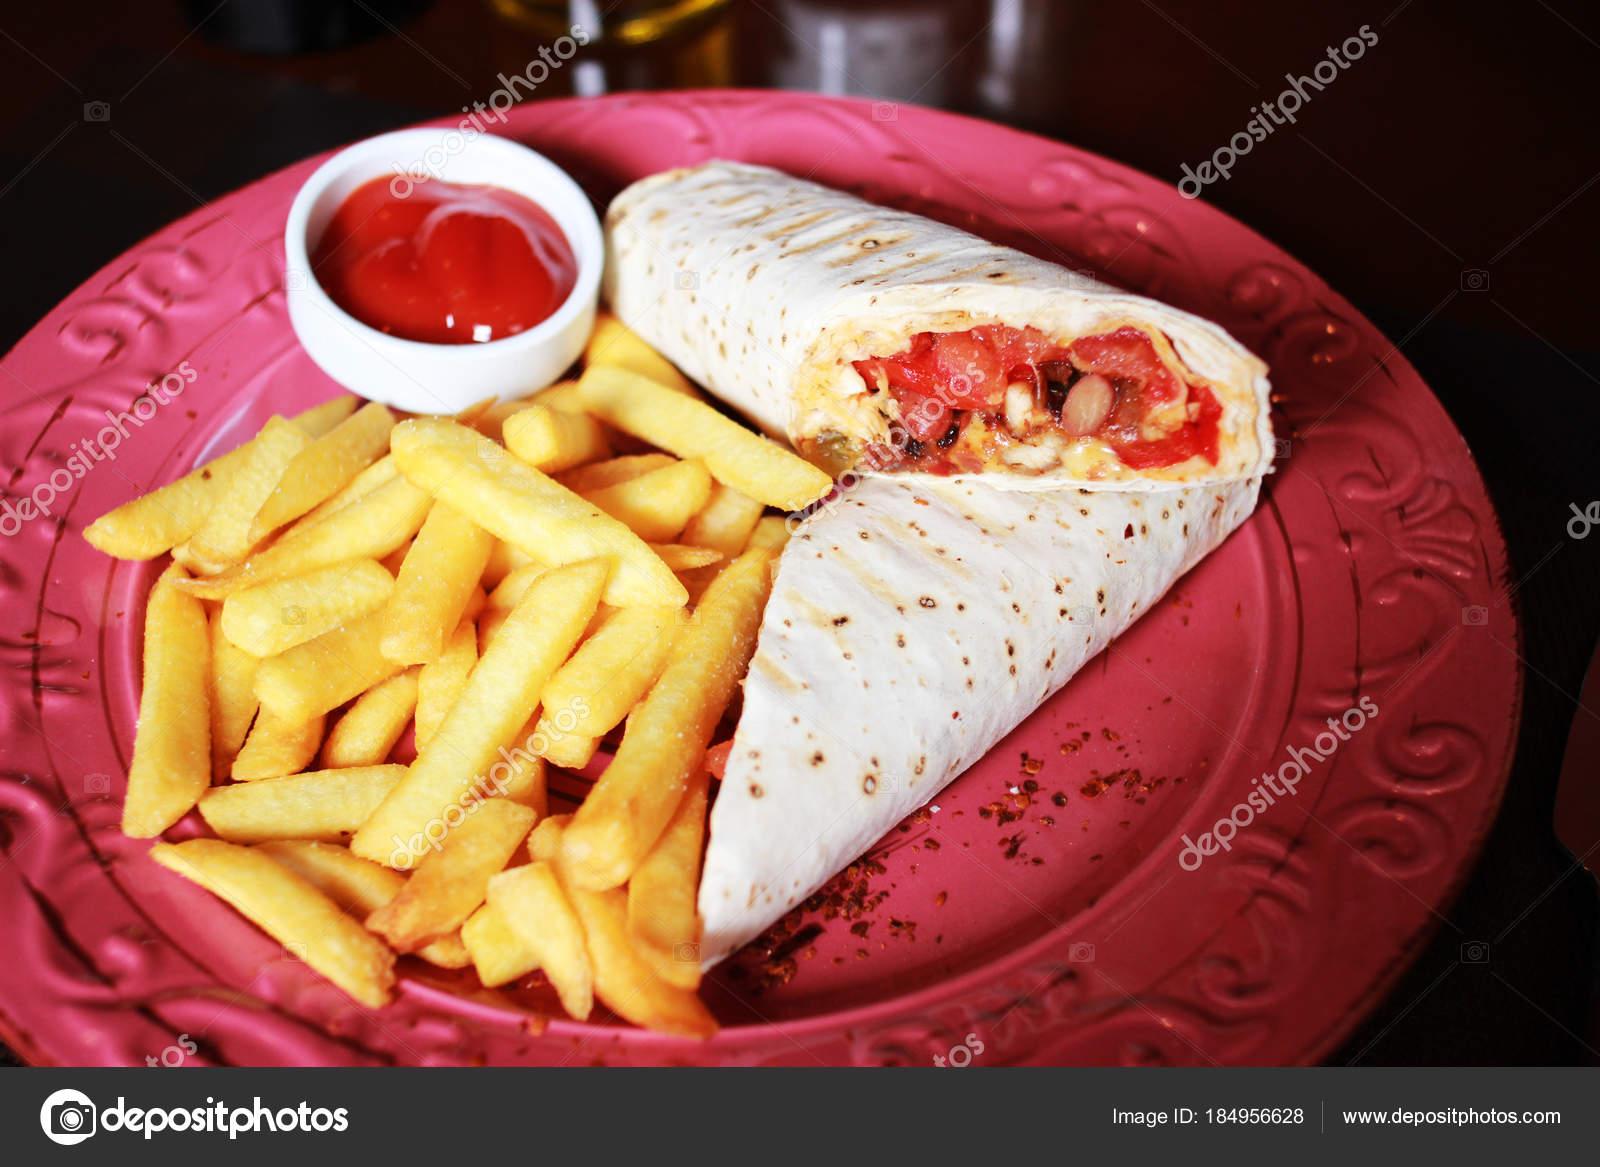 Burrito mit Pommes und Ketchup auf die rote Platte — Stockfoto ...